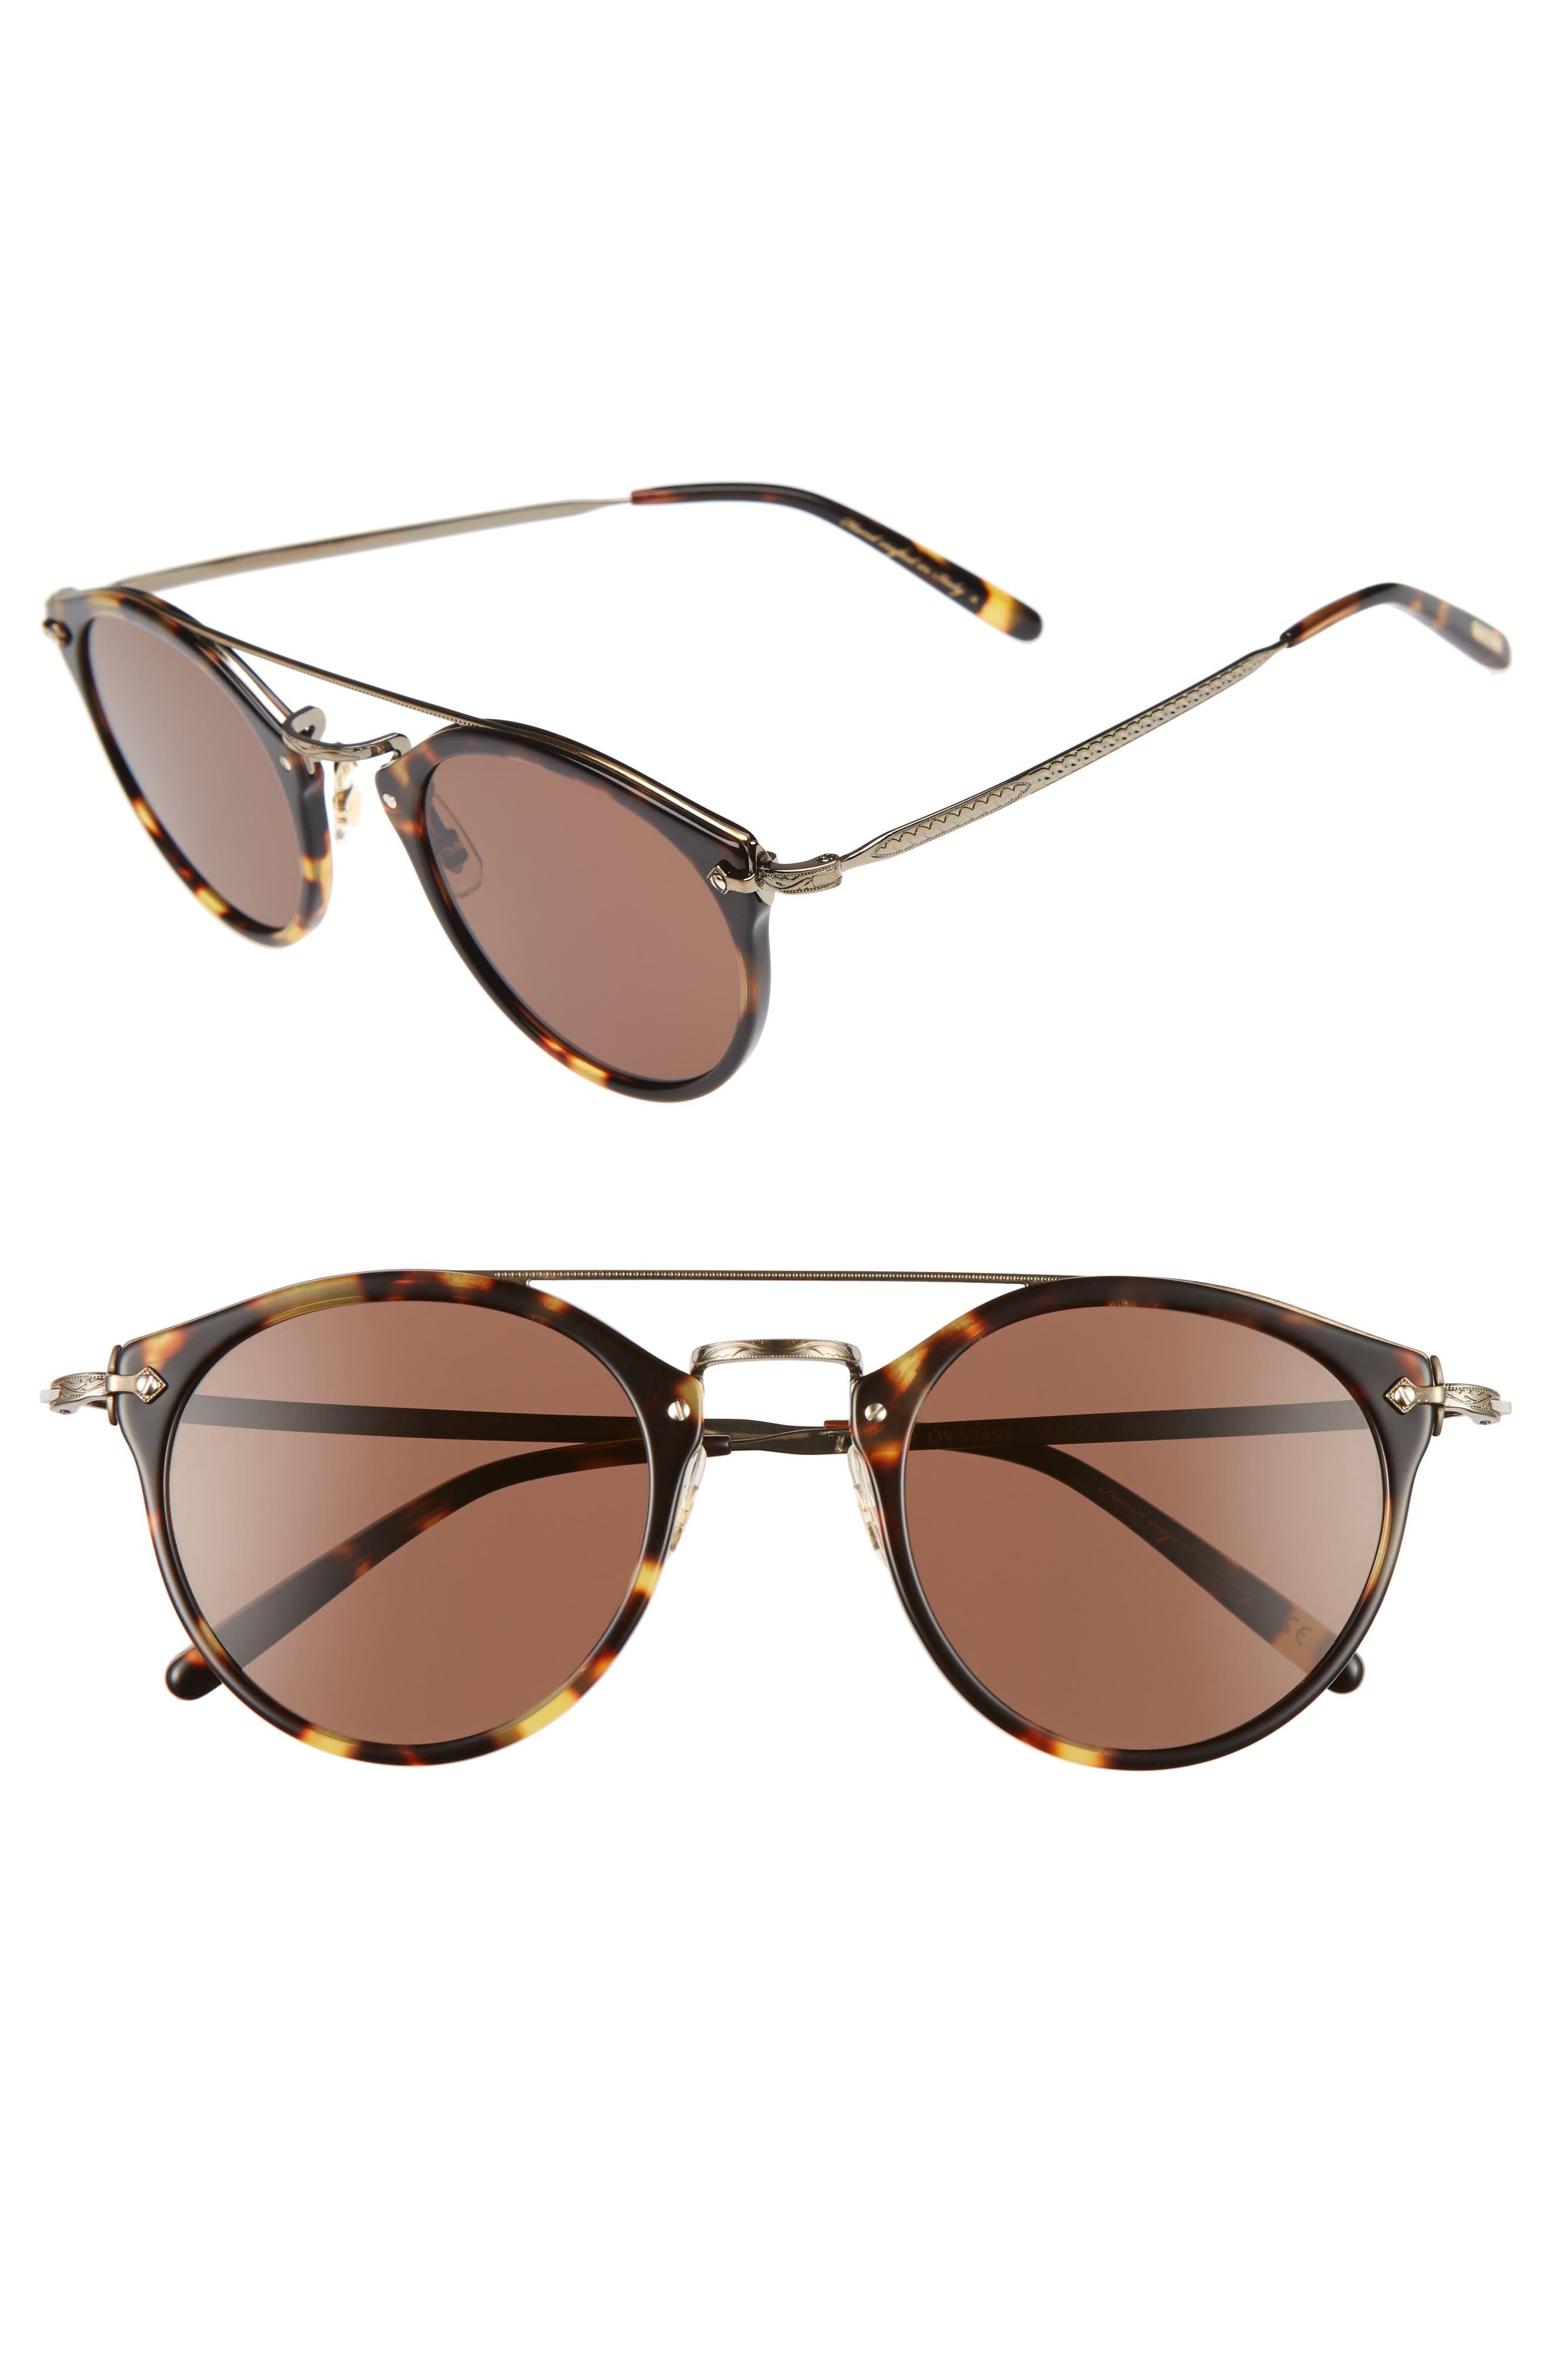 Remick 50mm Brow Bar Sunglasses,                             Main thumbnail 1, color,                             Dark Brown